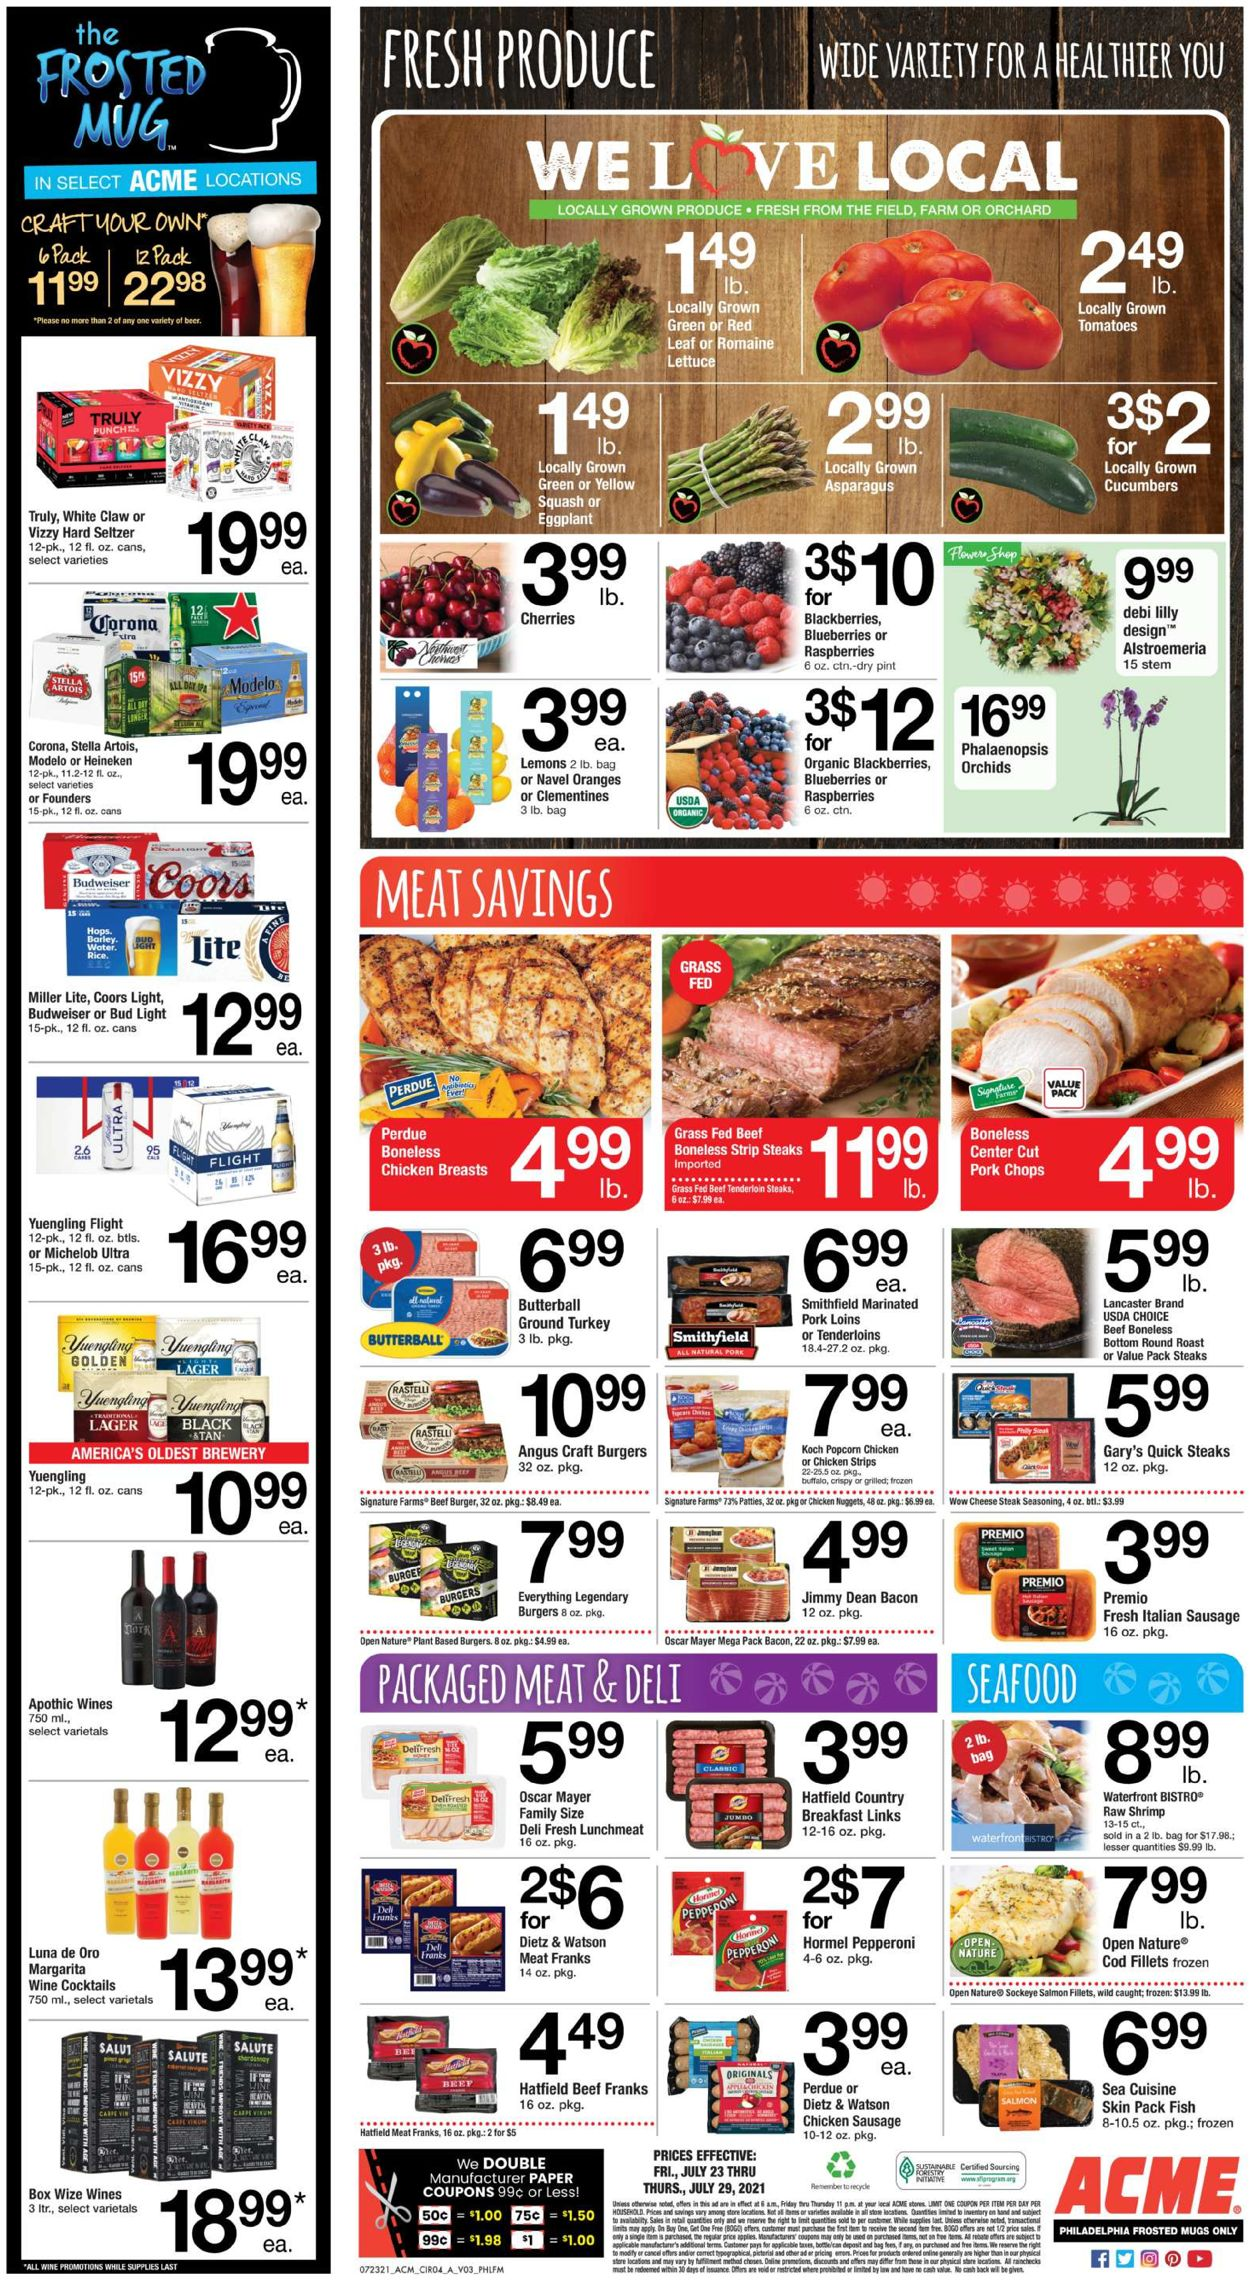 Acme Weekly Ad Circular - valid 07/23-07/29/2021 (Page 3)